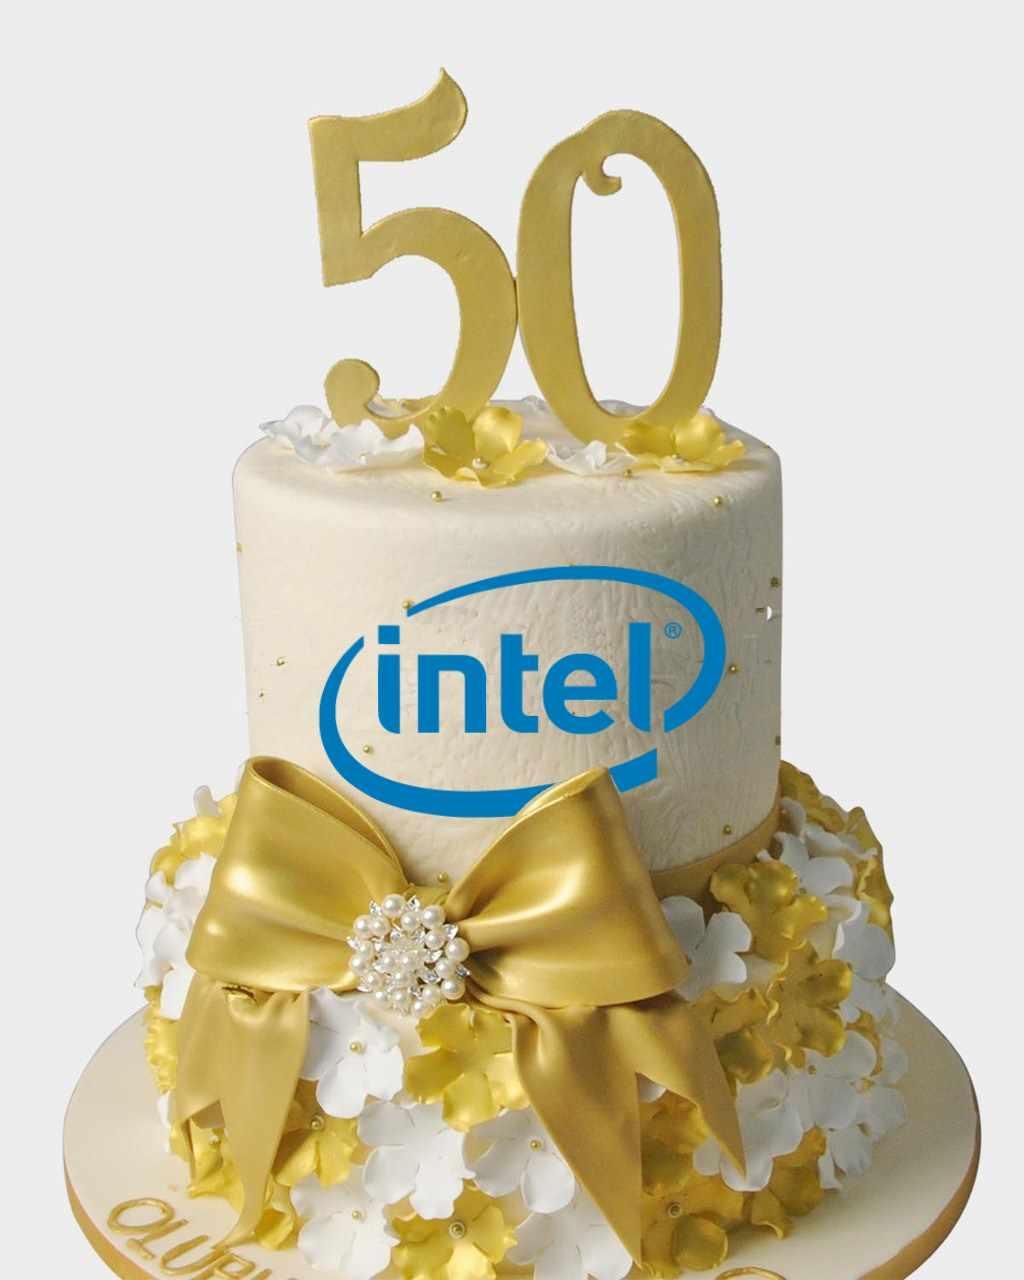 纪念英特尔成立五十周年  篇三  力挽狂澜